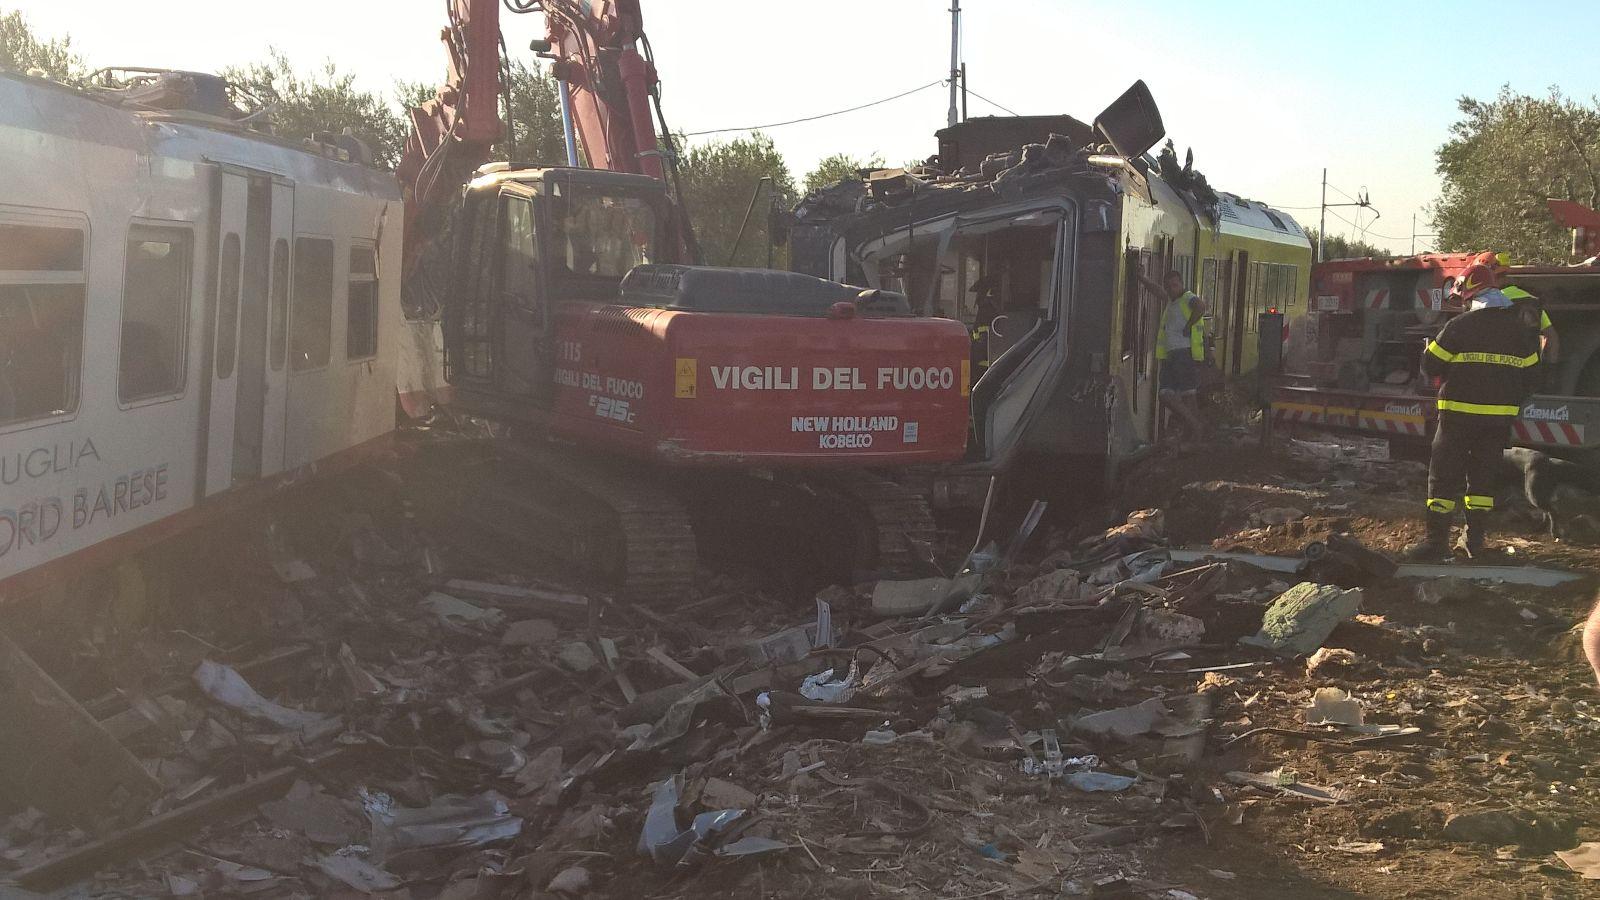 La strage ferroviaria di Corato: il report dalle prime ambulanze sul posto, della Misericordia di Andria   Emergency Live 5